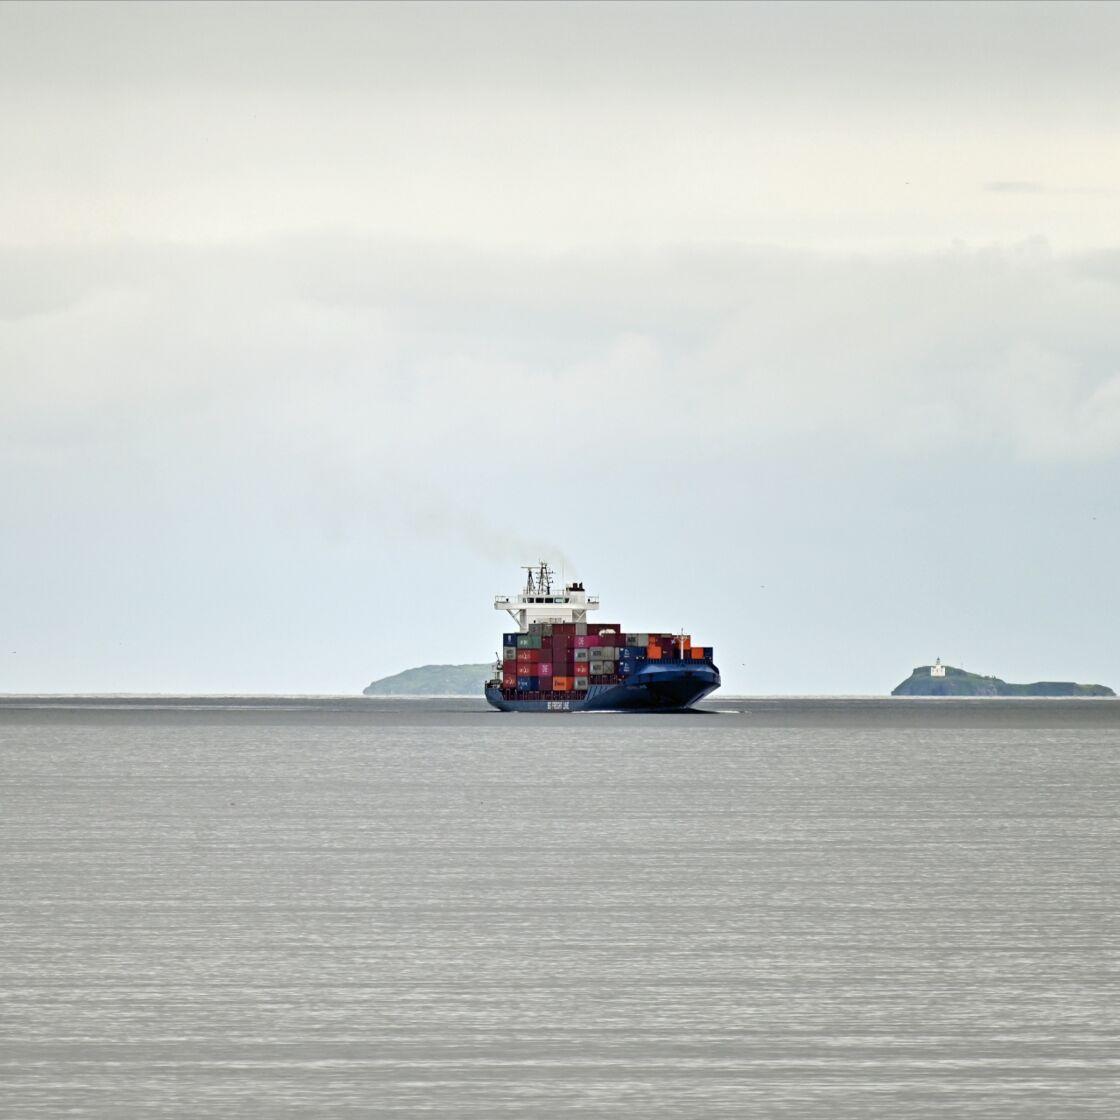 Bermuda-Dreieck: Auf mysteriöse Weise verschwundenes Schiff taucht über 90 Jahre später wieder auf